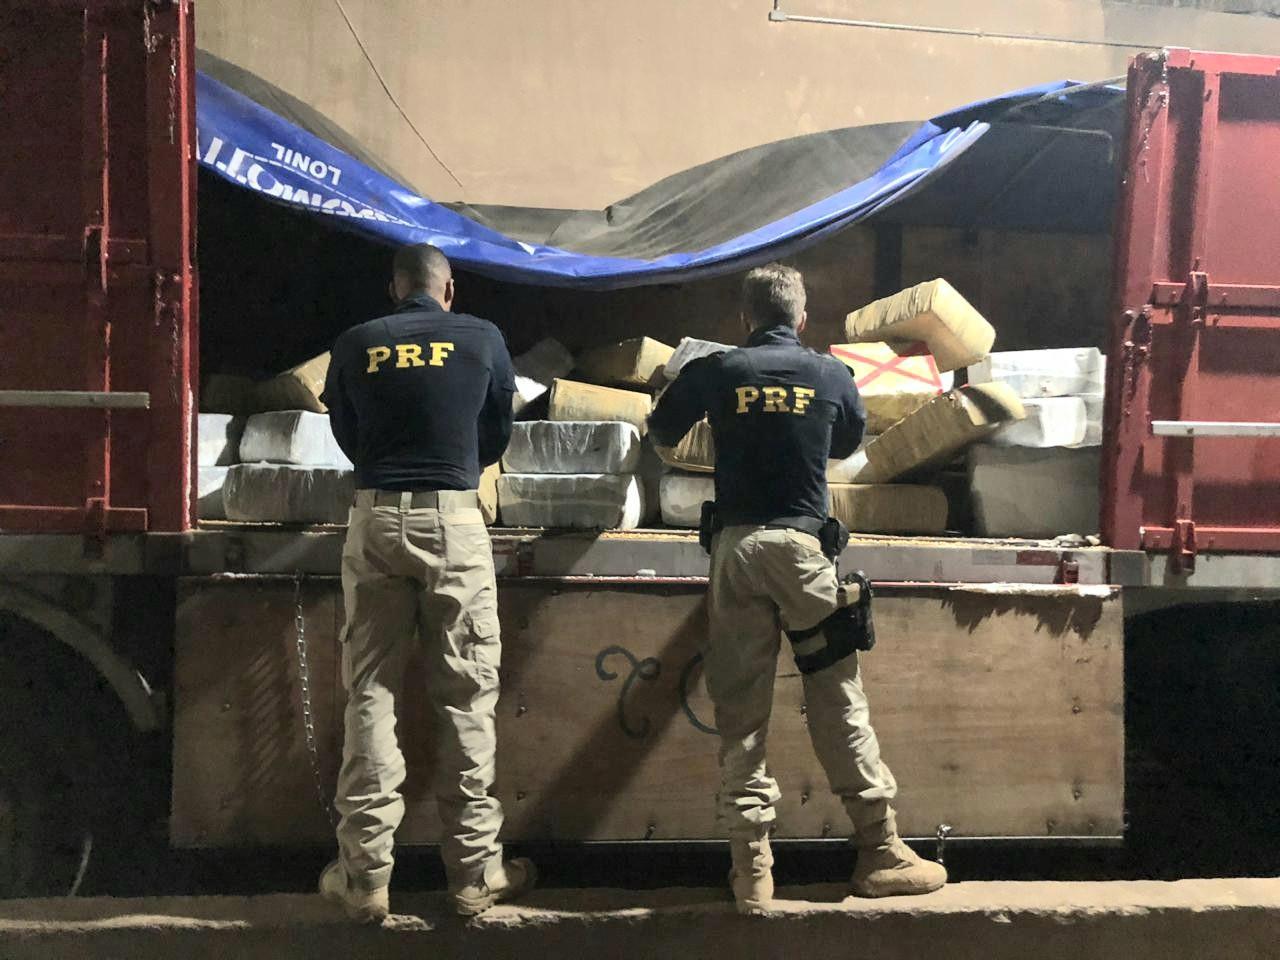 Apreendidas 2,7 toneladas de maconha em caminhão carregado com milho em Seberi - Notícias - Plantão Diário